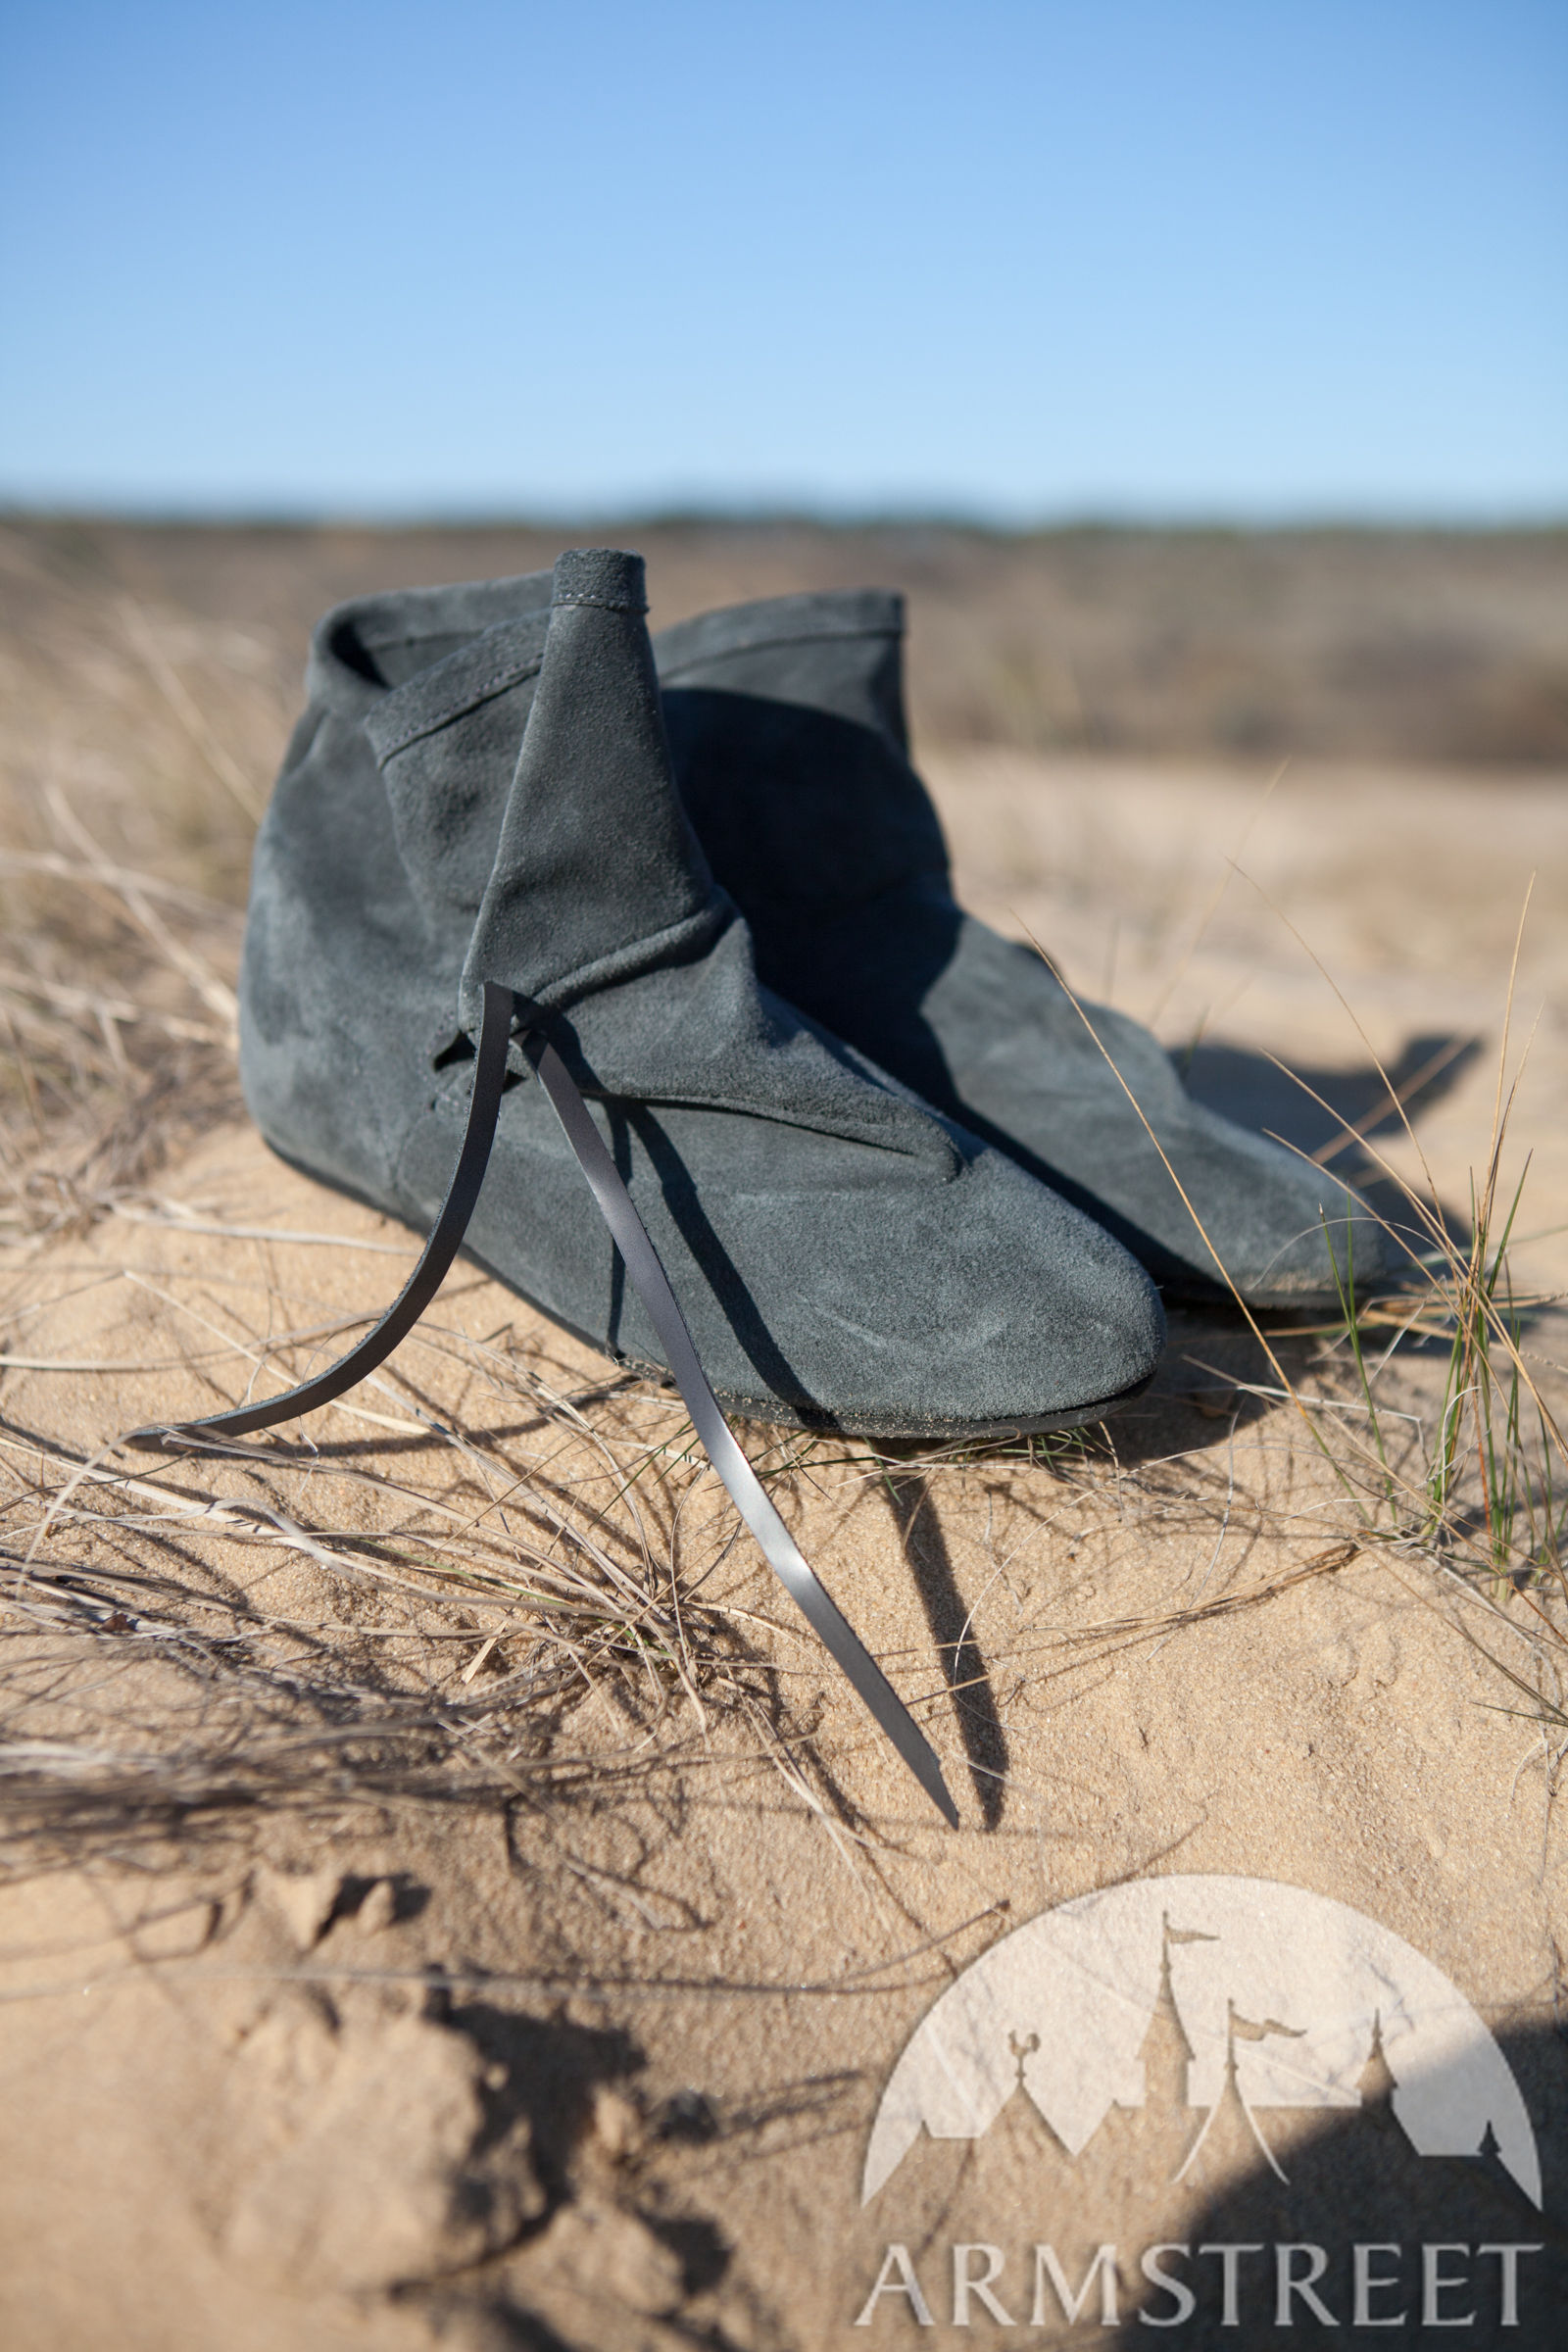 Footwear by ArmStreet